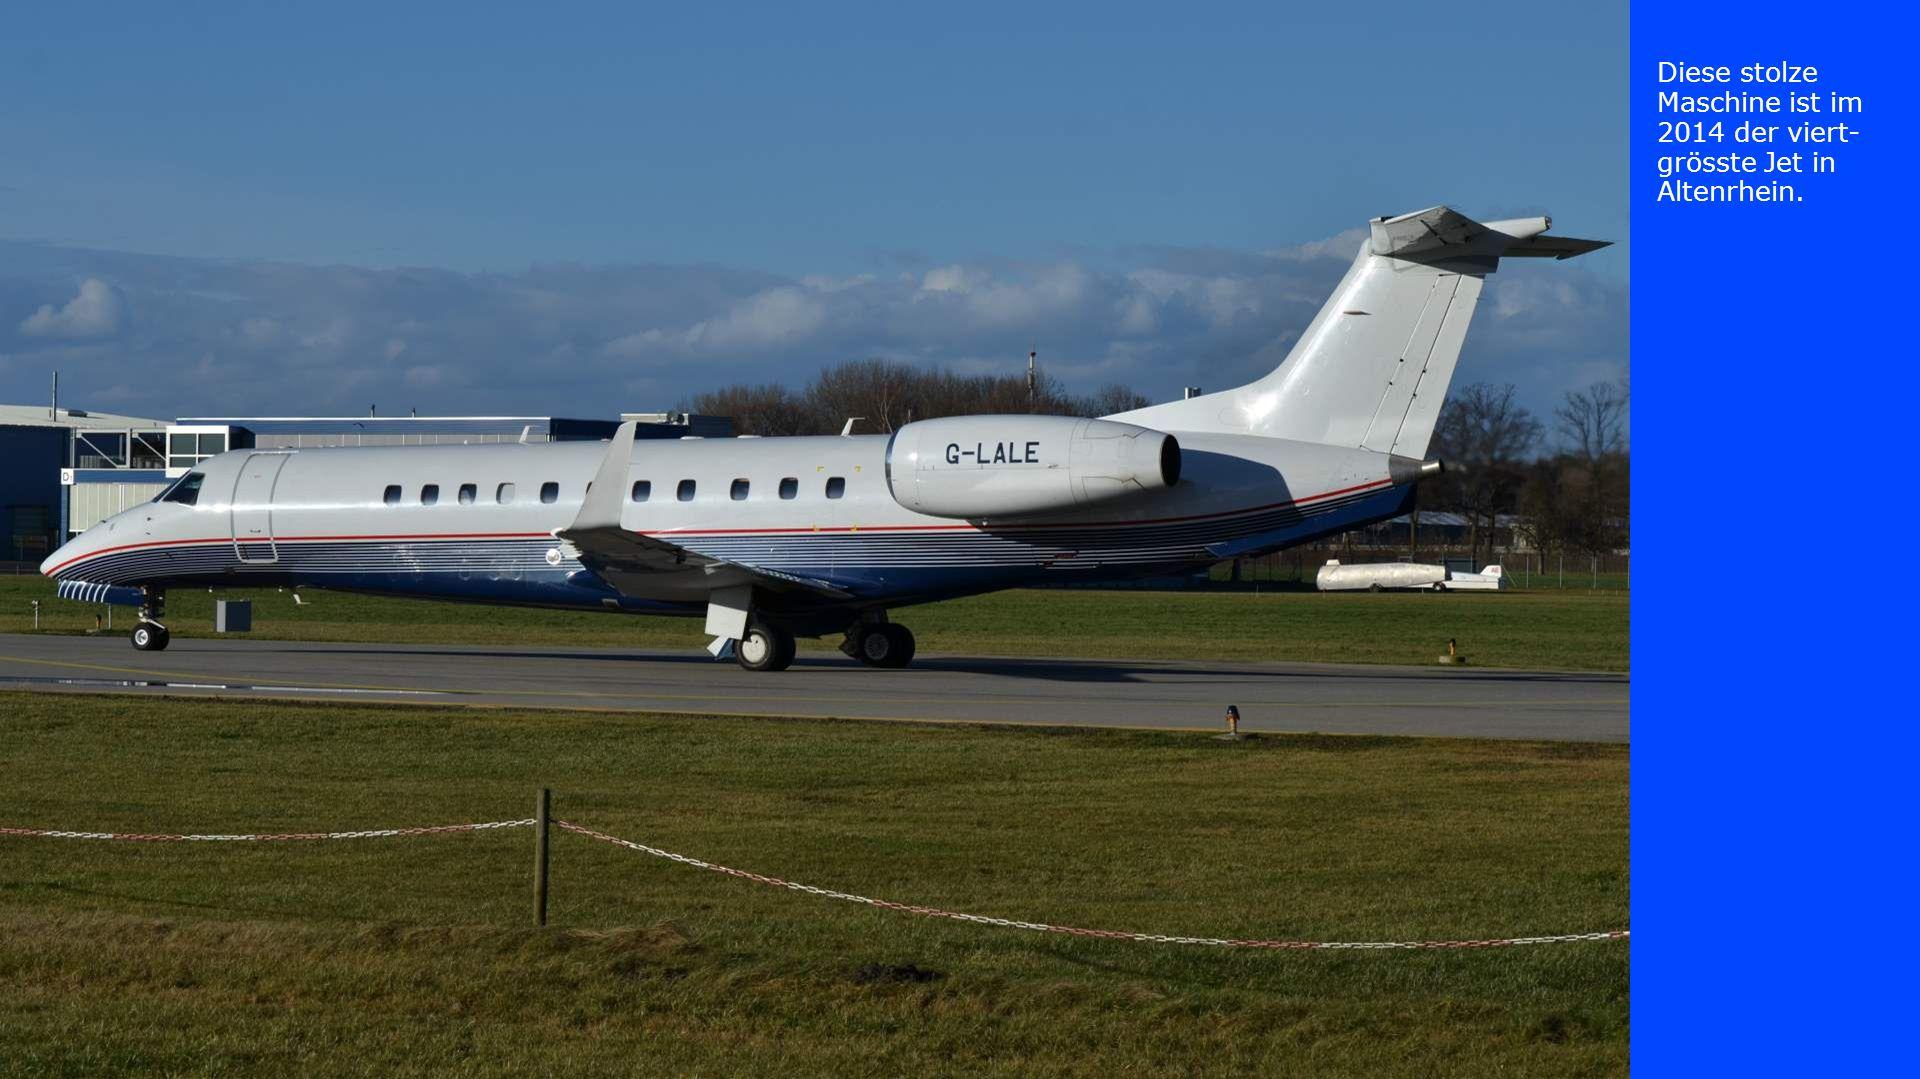 Diese stolze Maschine ist im 2014 der viert- grösste Jet in Altenrhein.